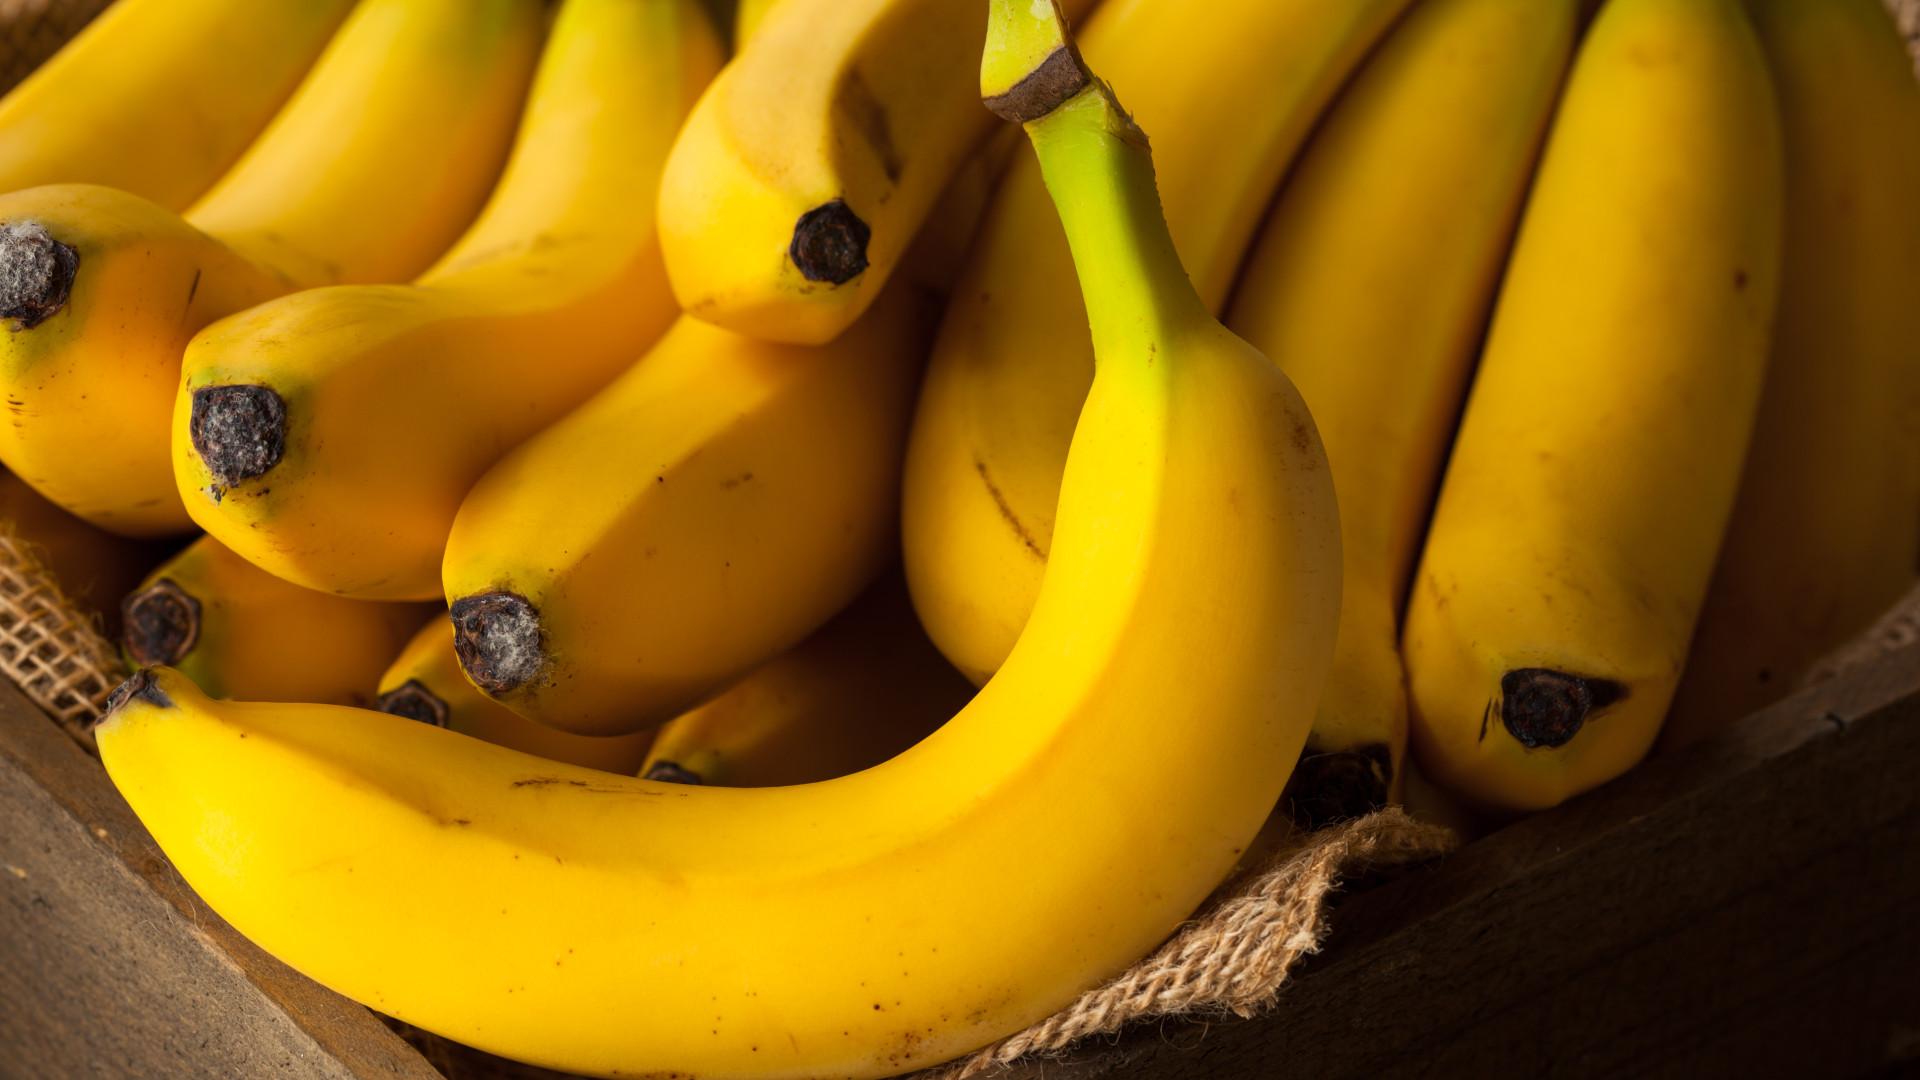 Bananas verdes e maduras têm benefícios distintos. Saiba quais escolher